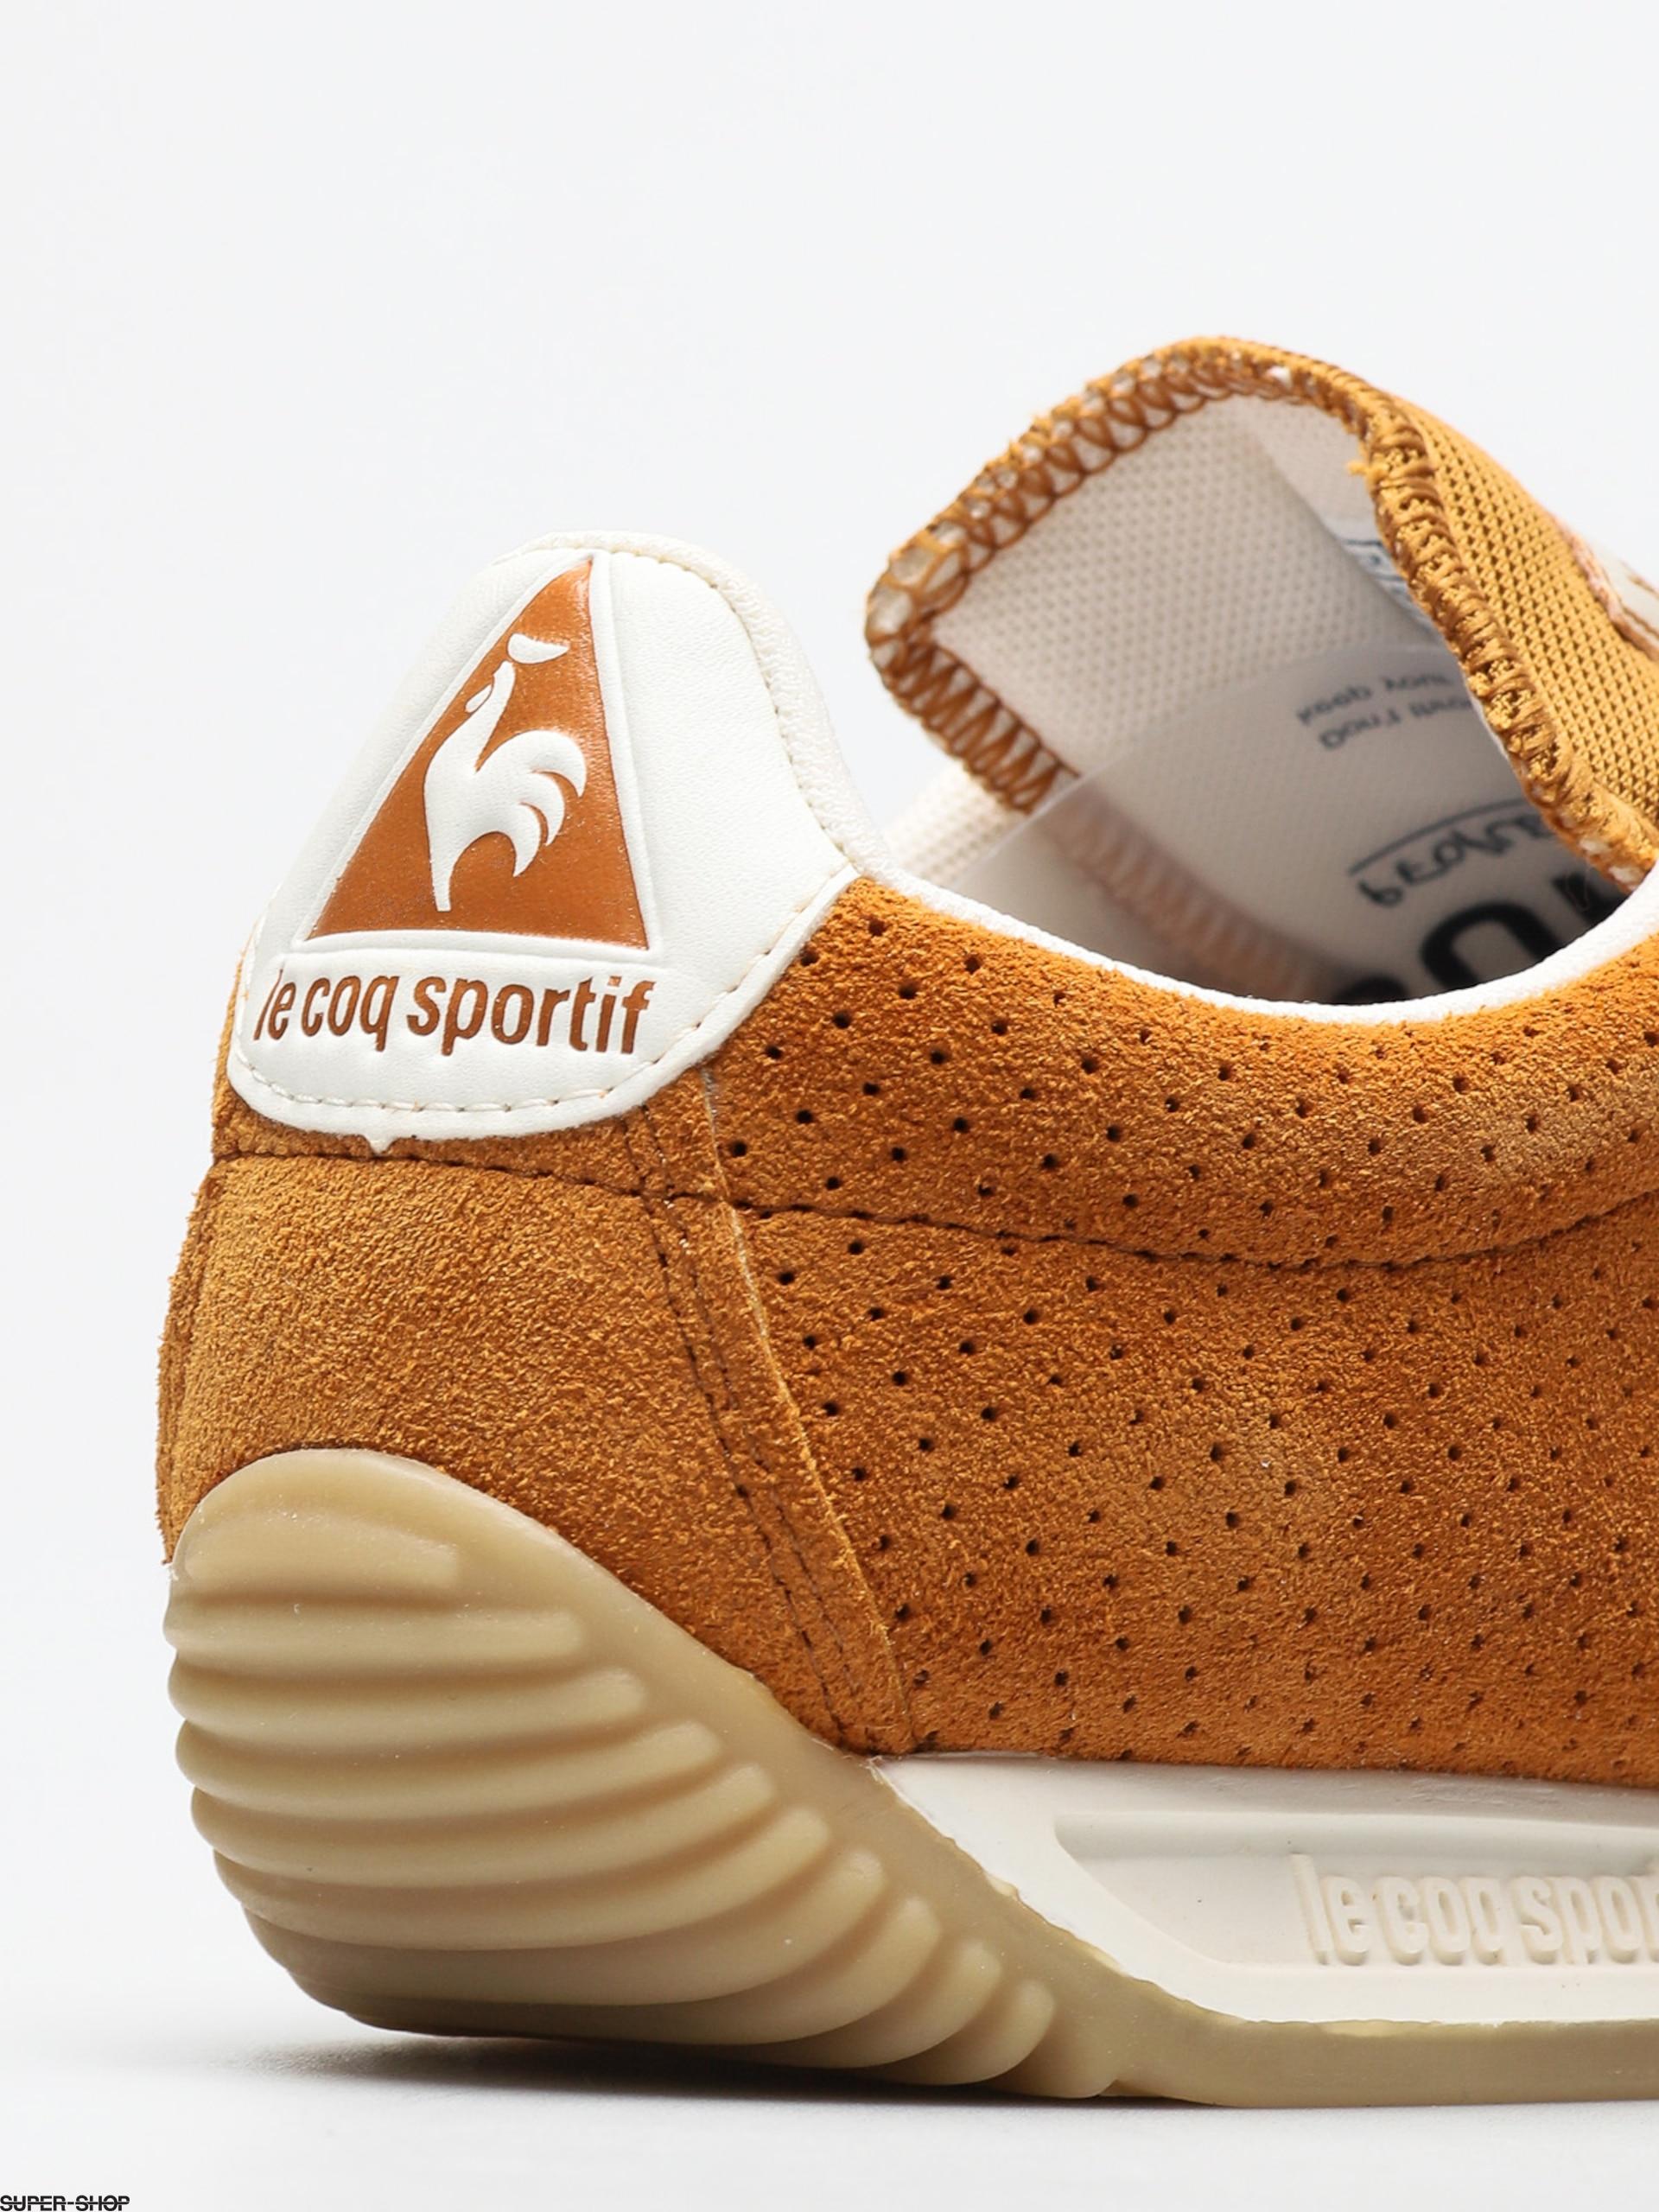 154e4d4d1e15 Le Coq Sportif Shoes Quartz Premium (sudan brown)